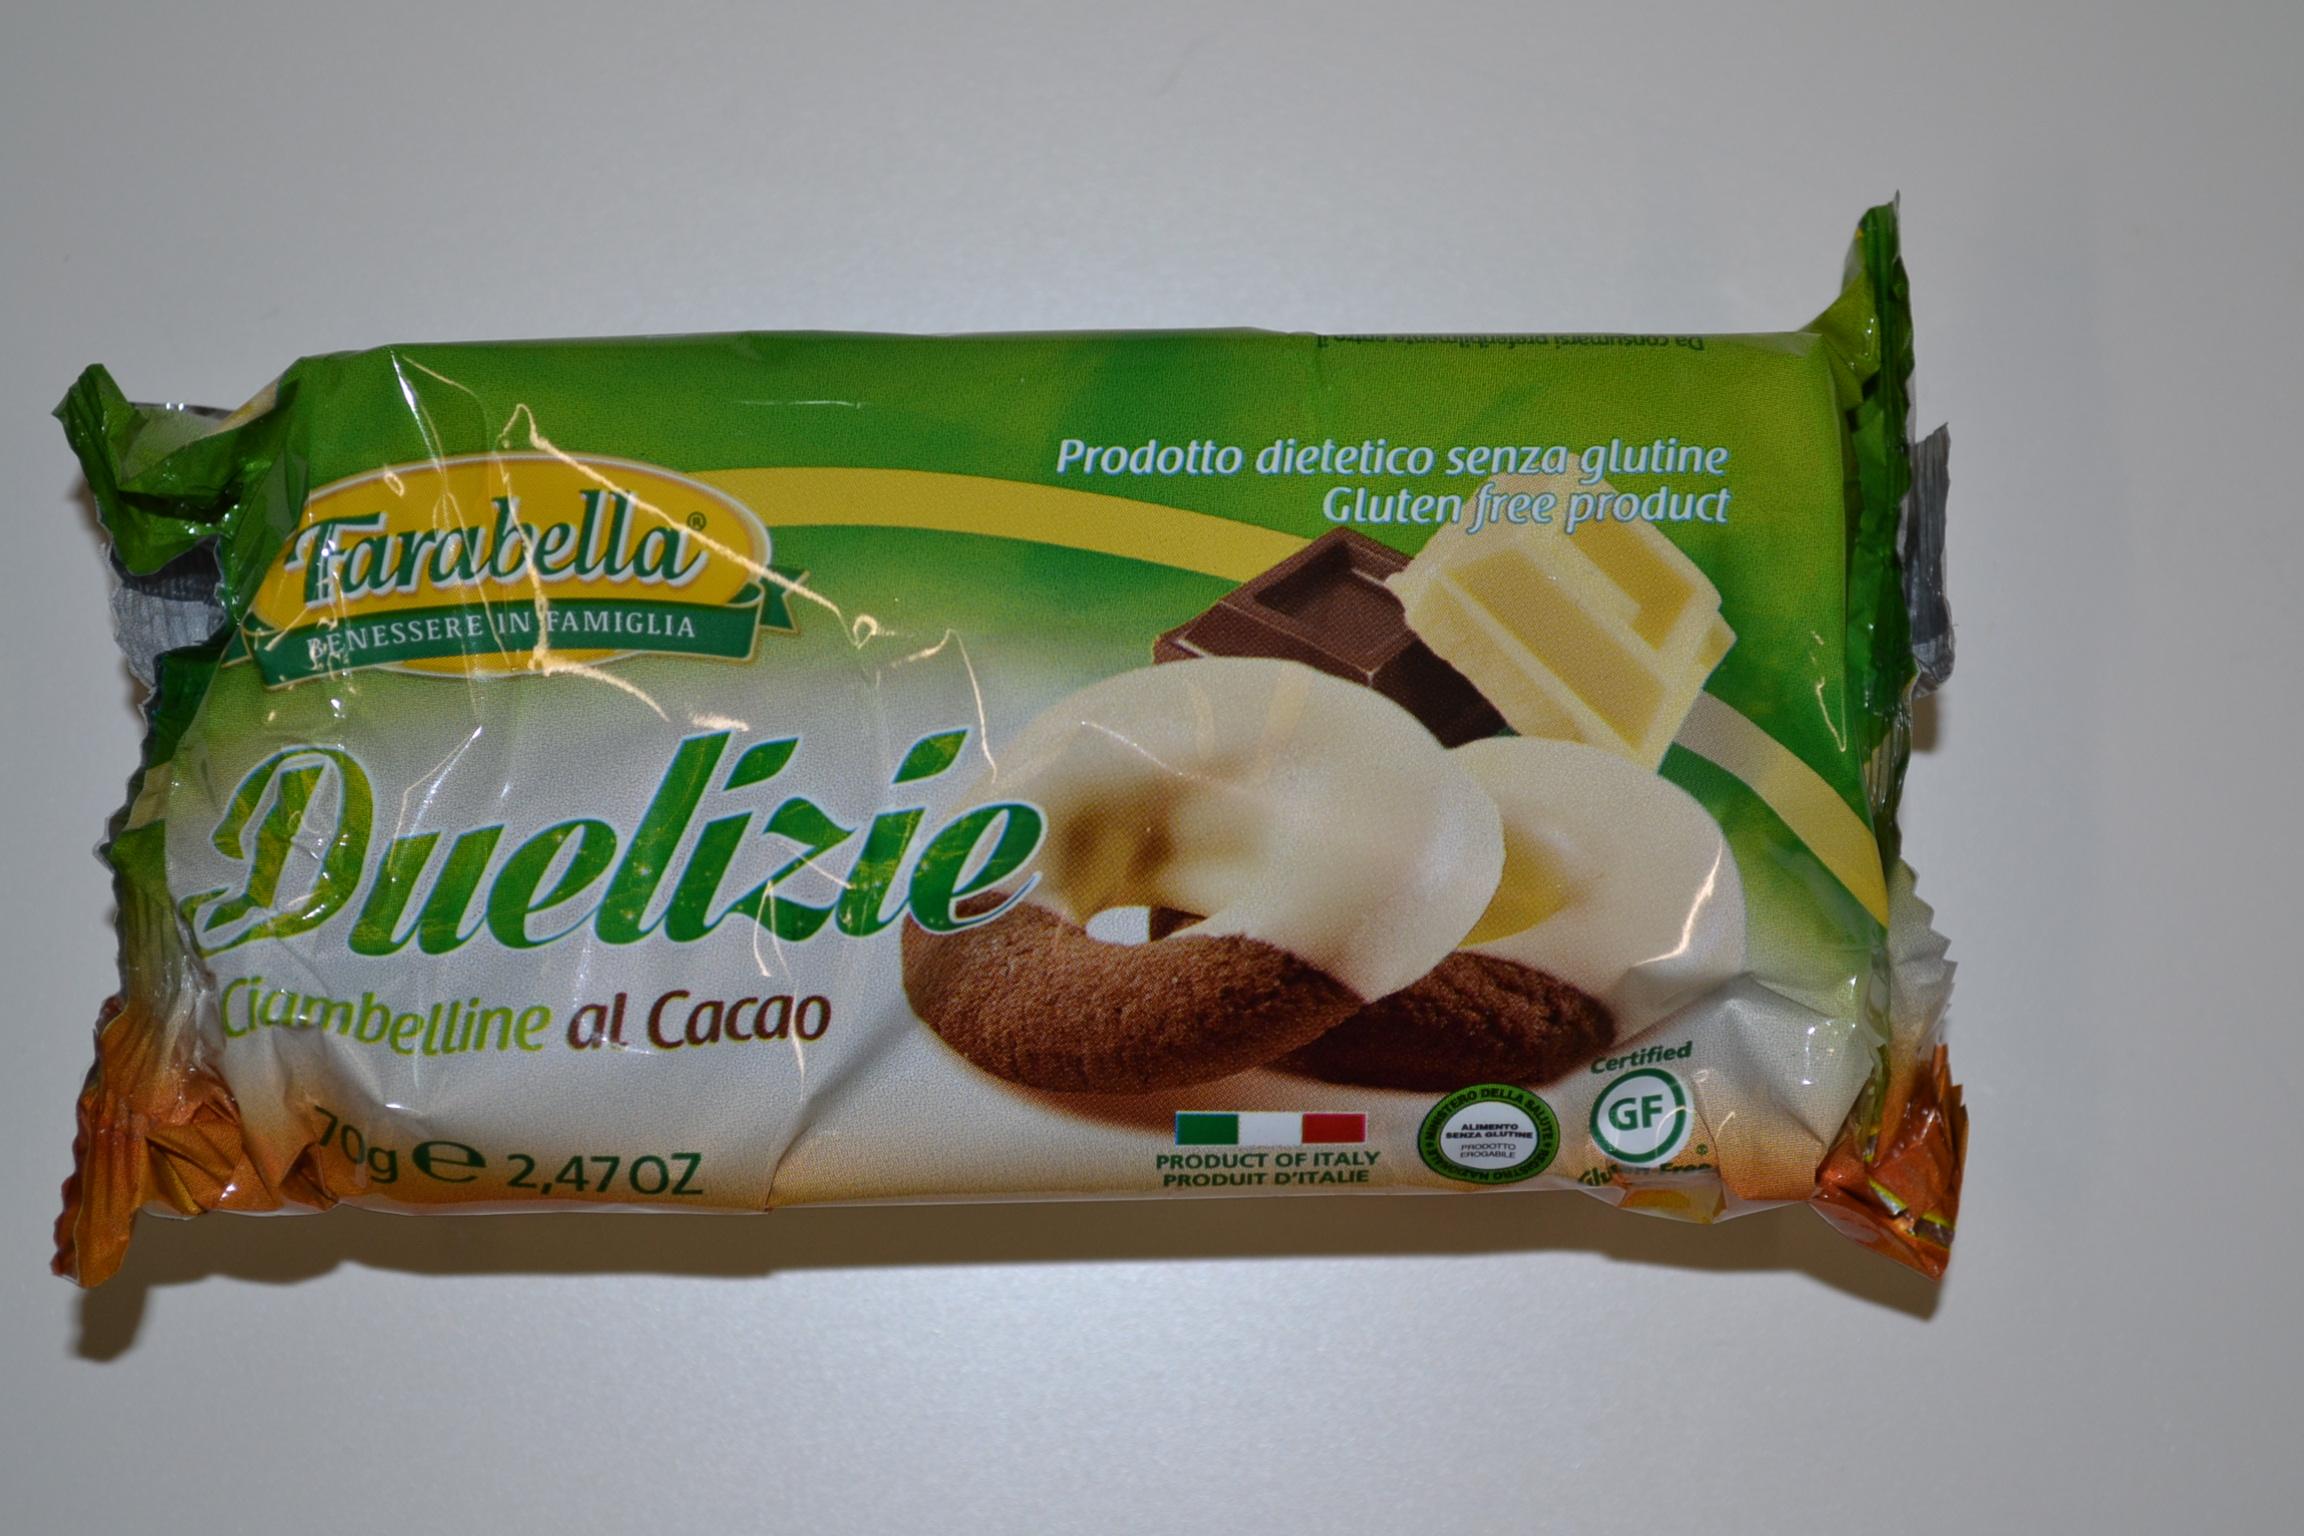 Duelizie ciambelline al cacao FARABELLA